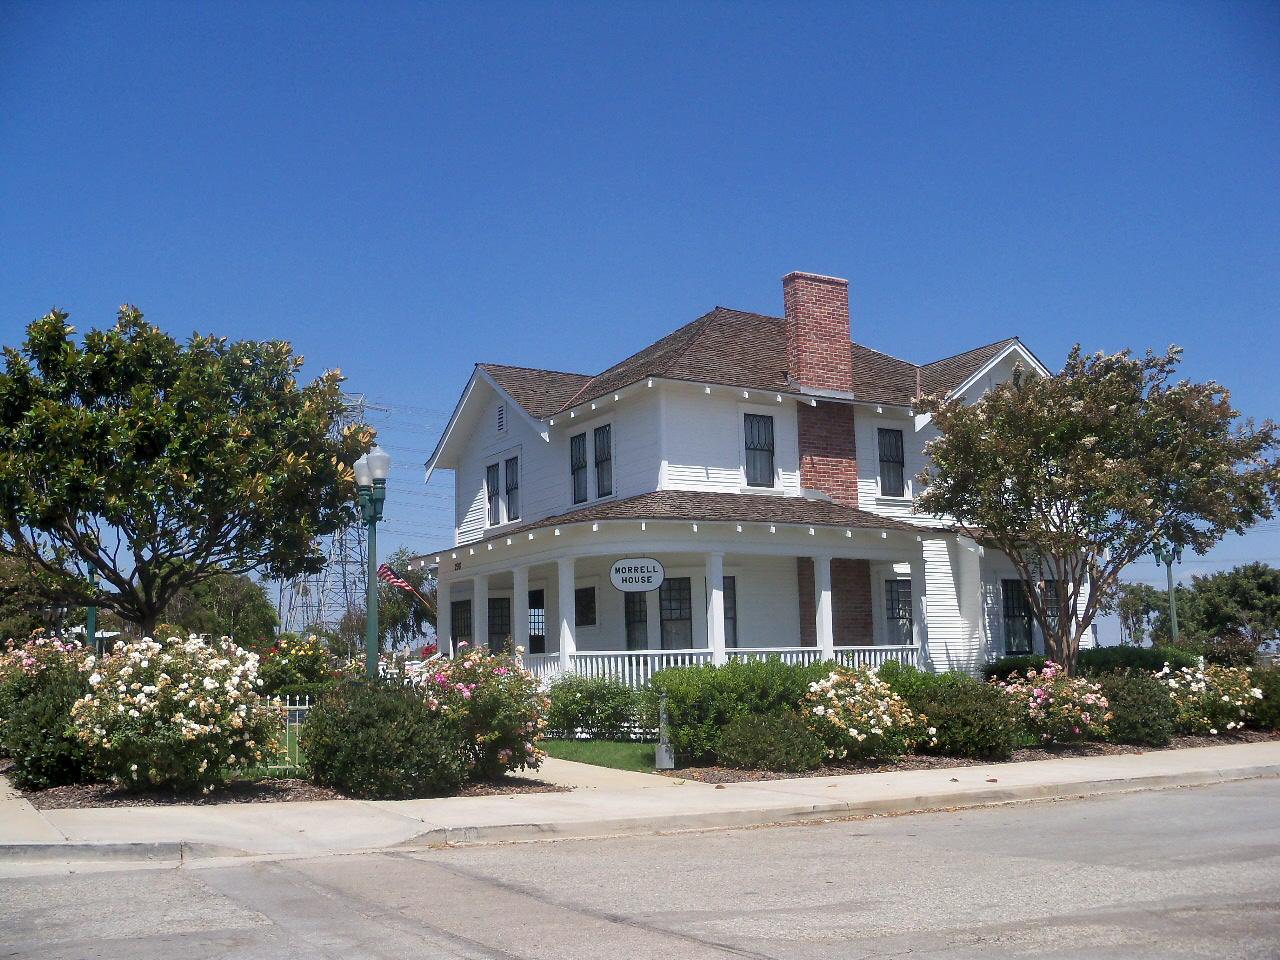 The Morrell House Redondo Beach